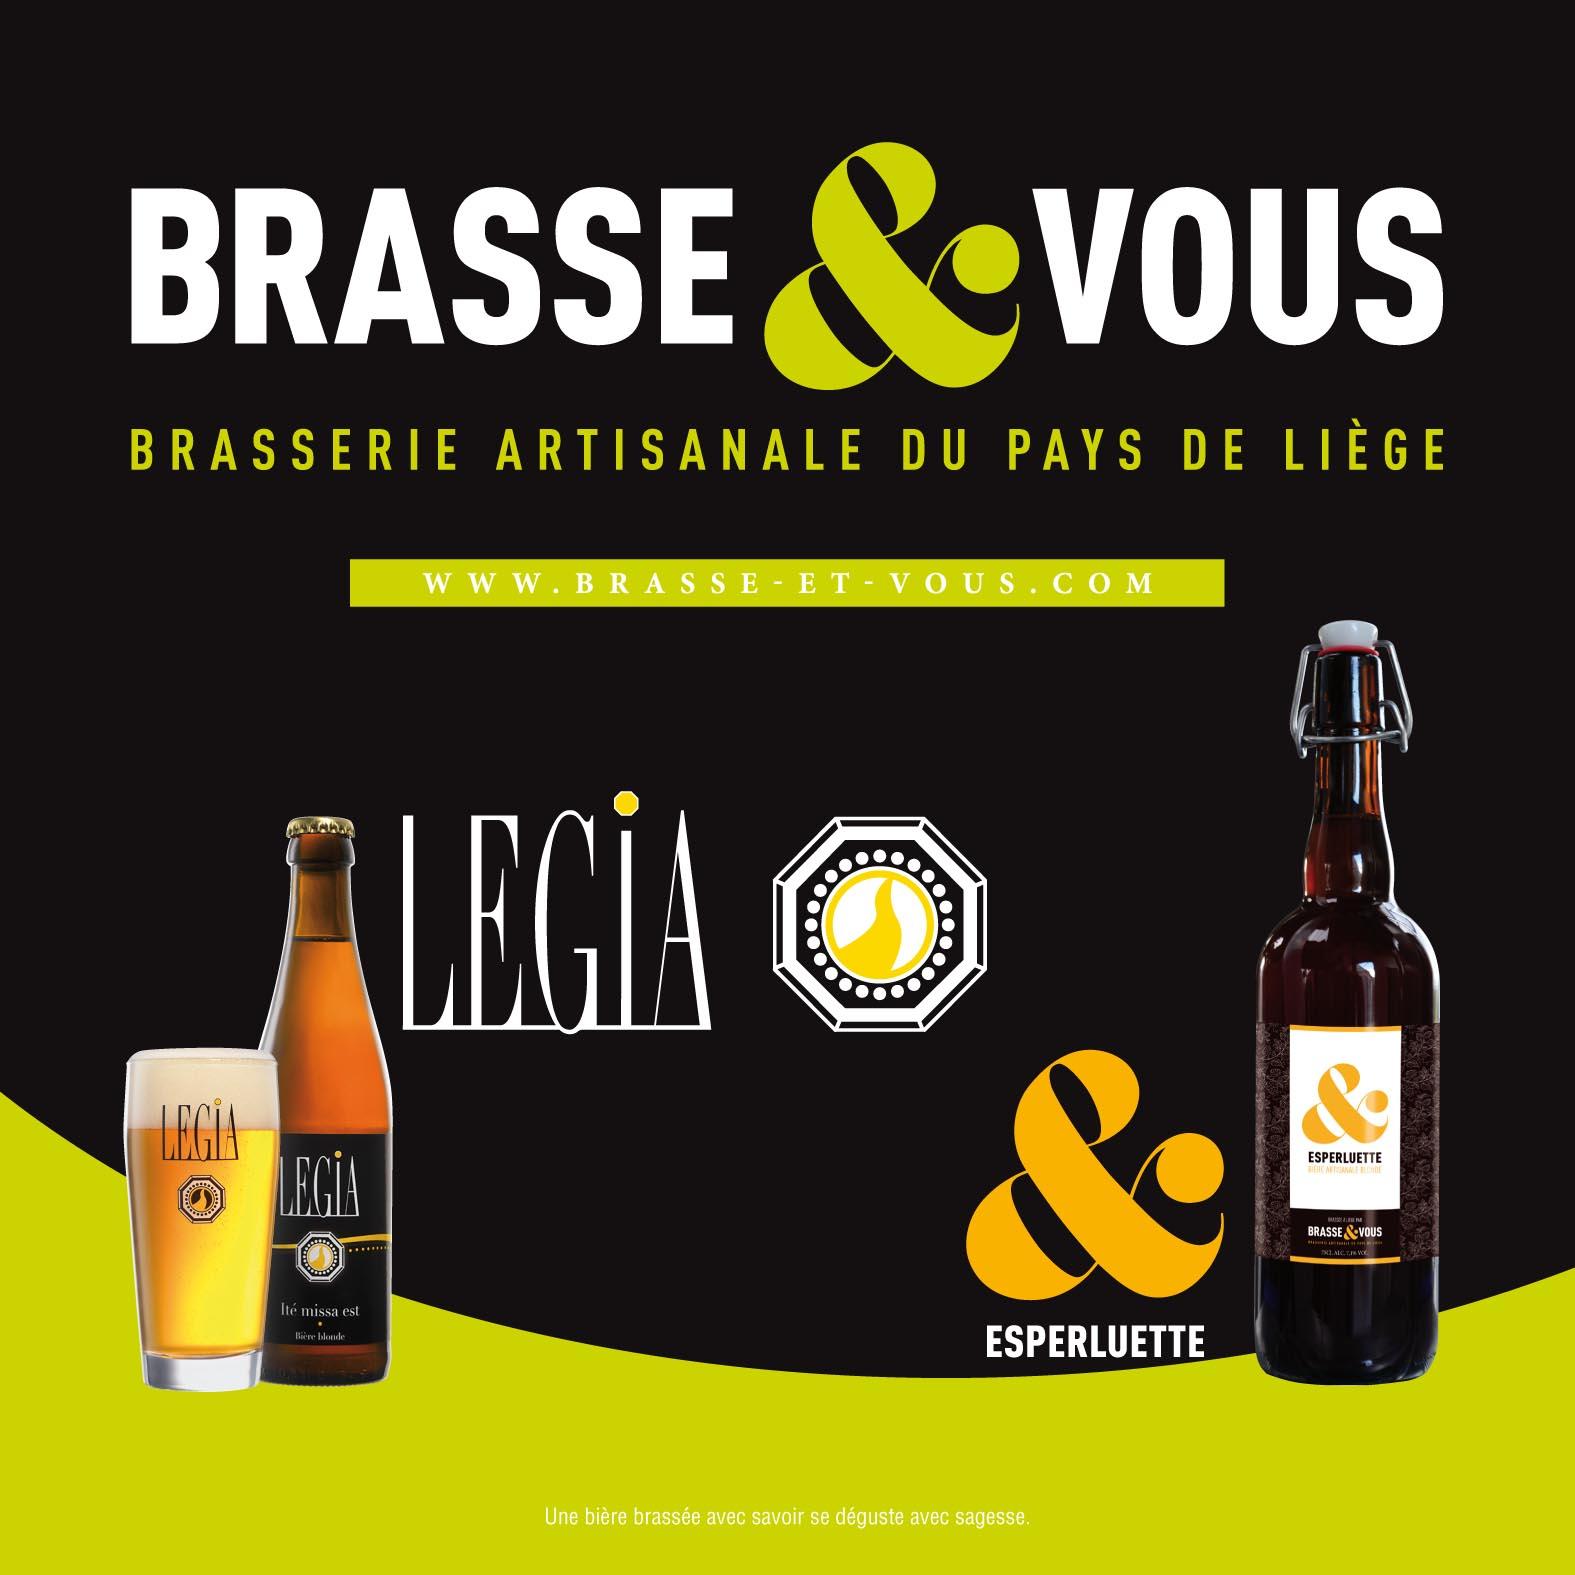 Brasserie Brasse & Vous - Bière - belge - wallonne - Wallonie